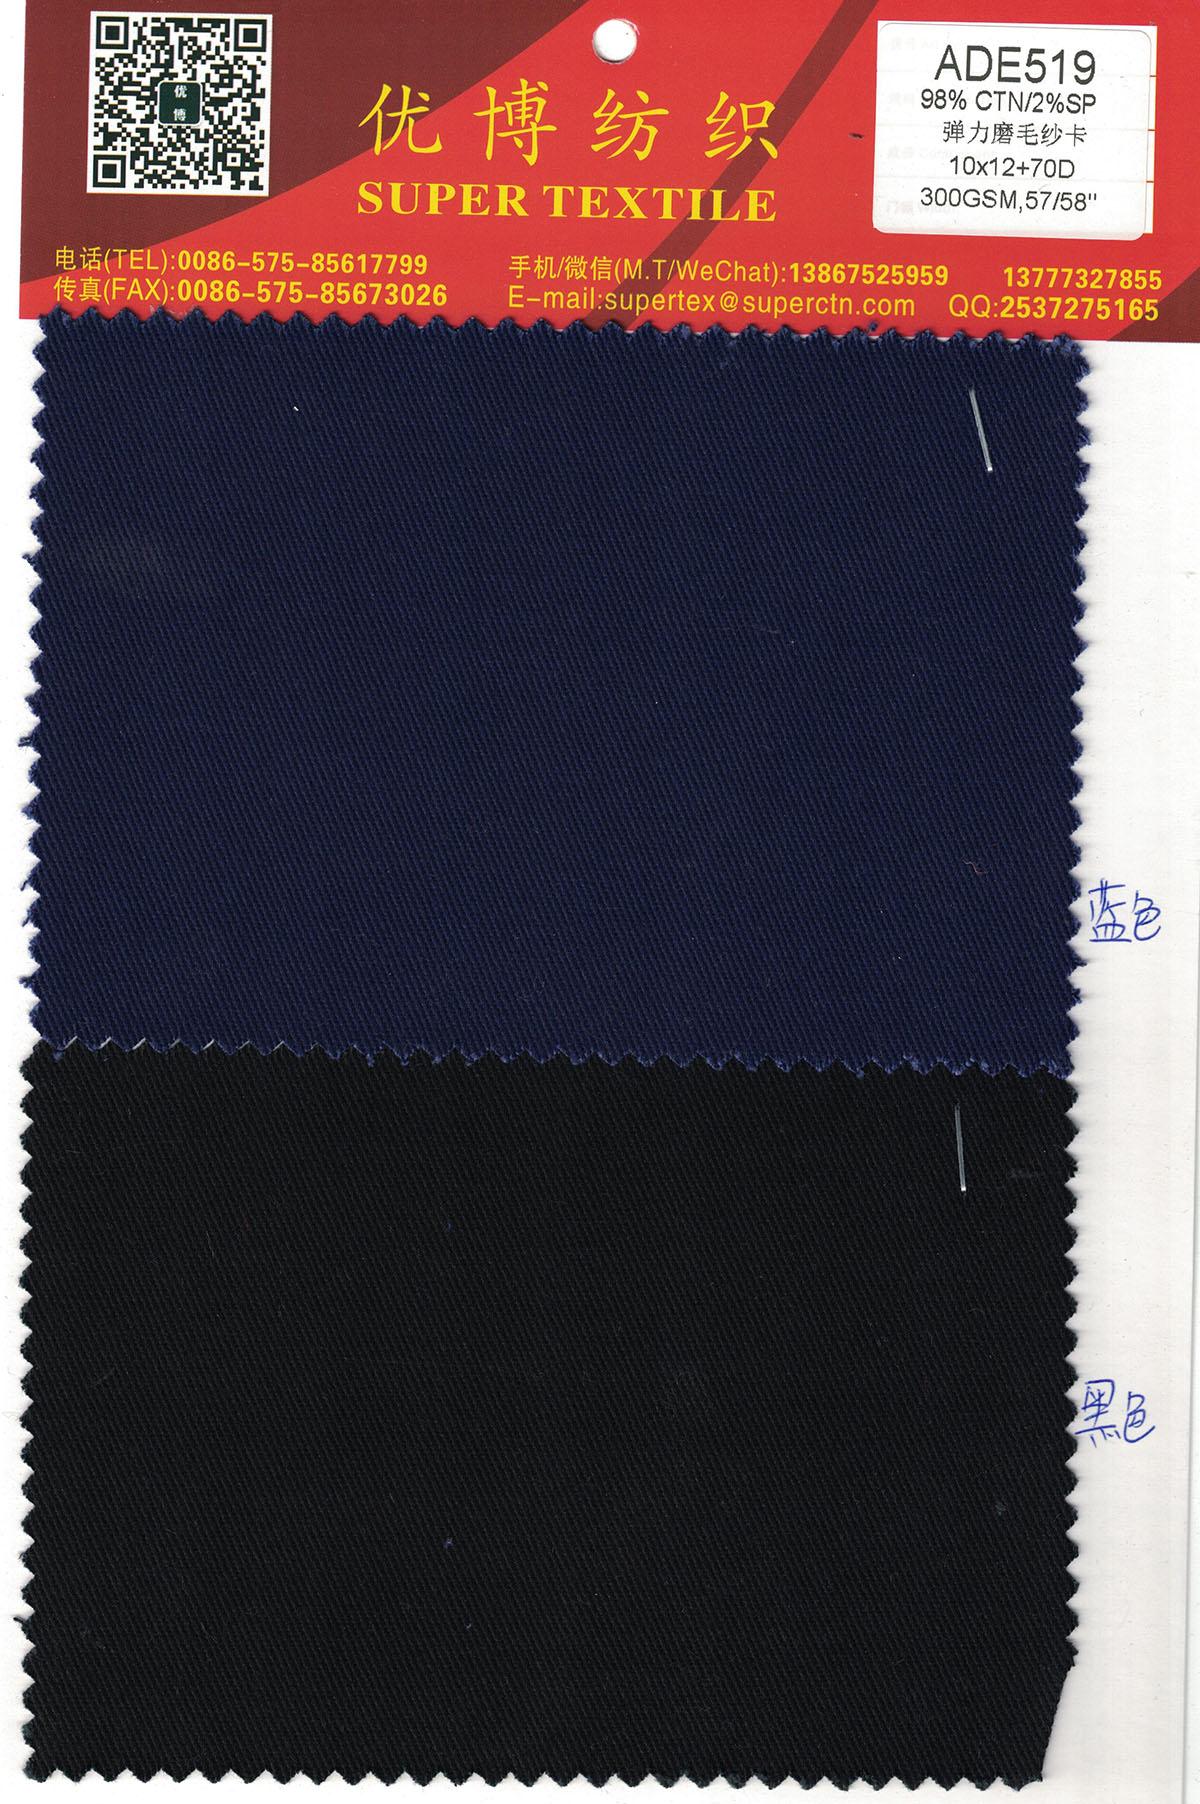 Хлопкового материала на основе спандекса, выполнено в цветовой гамме Ткань тяжелый вес твил